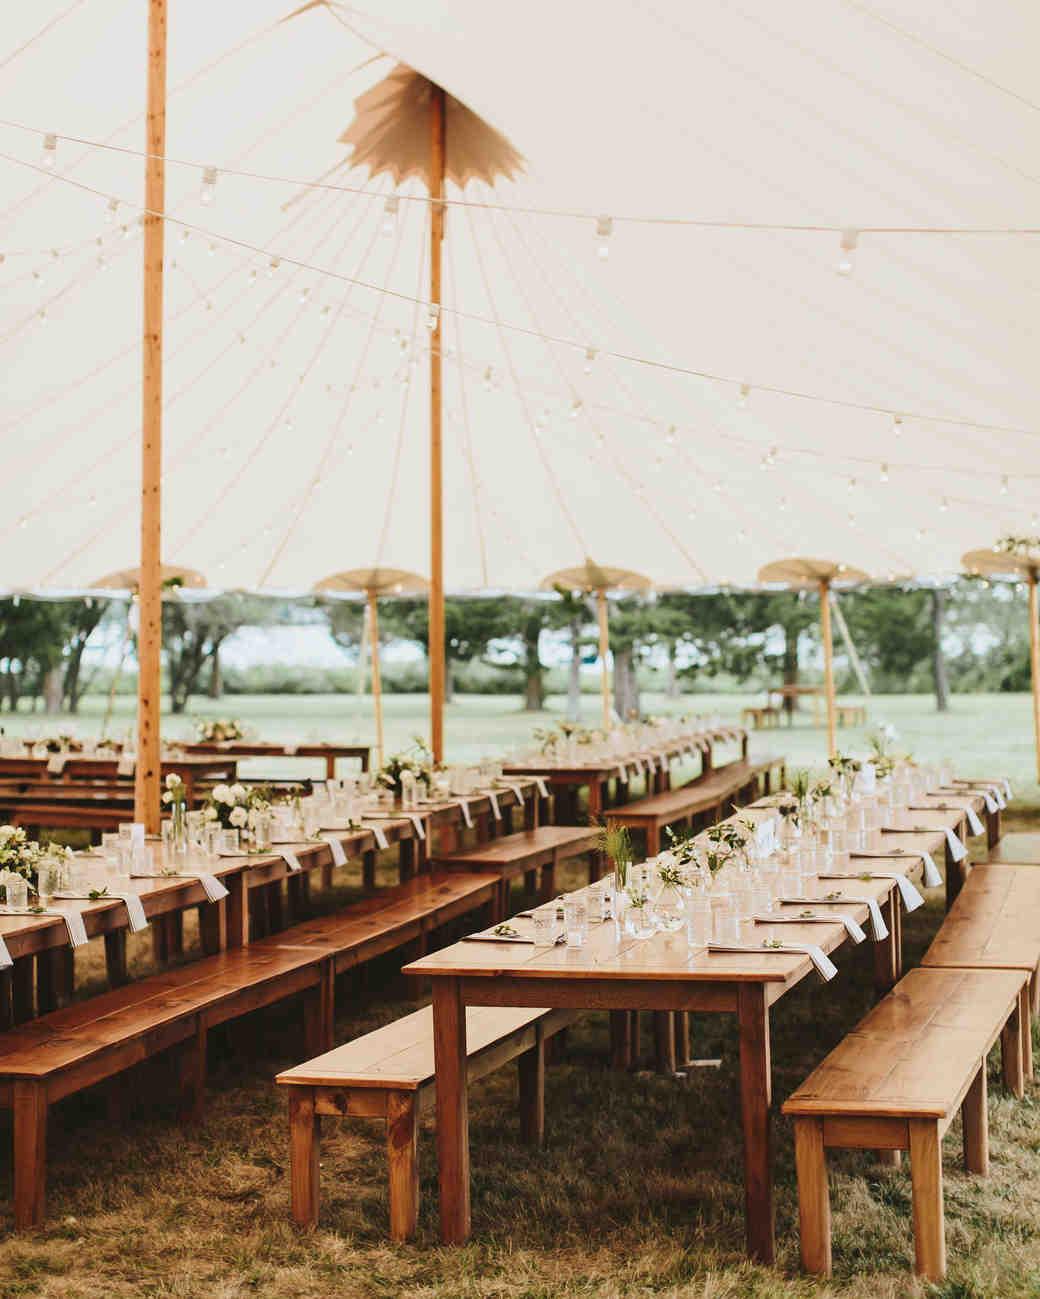 hadley corey wedding tent interior